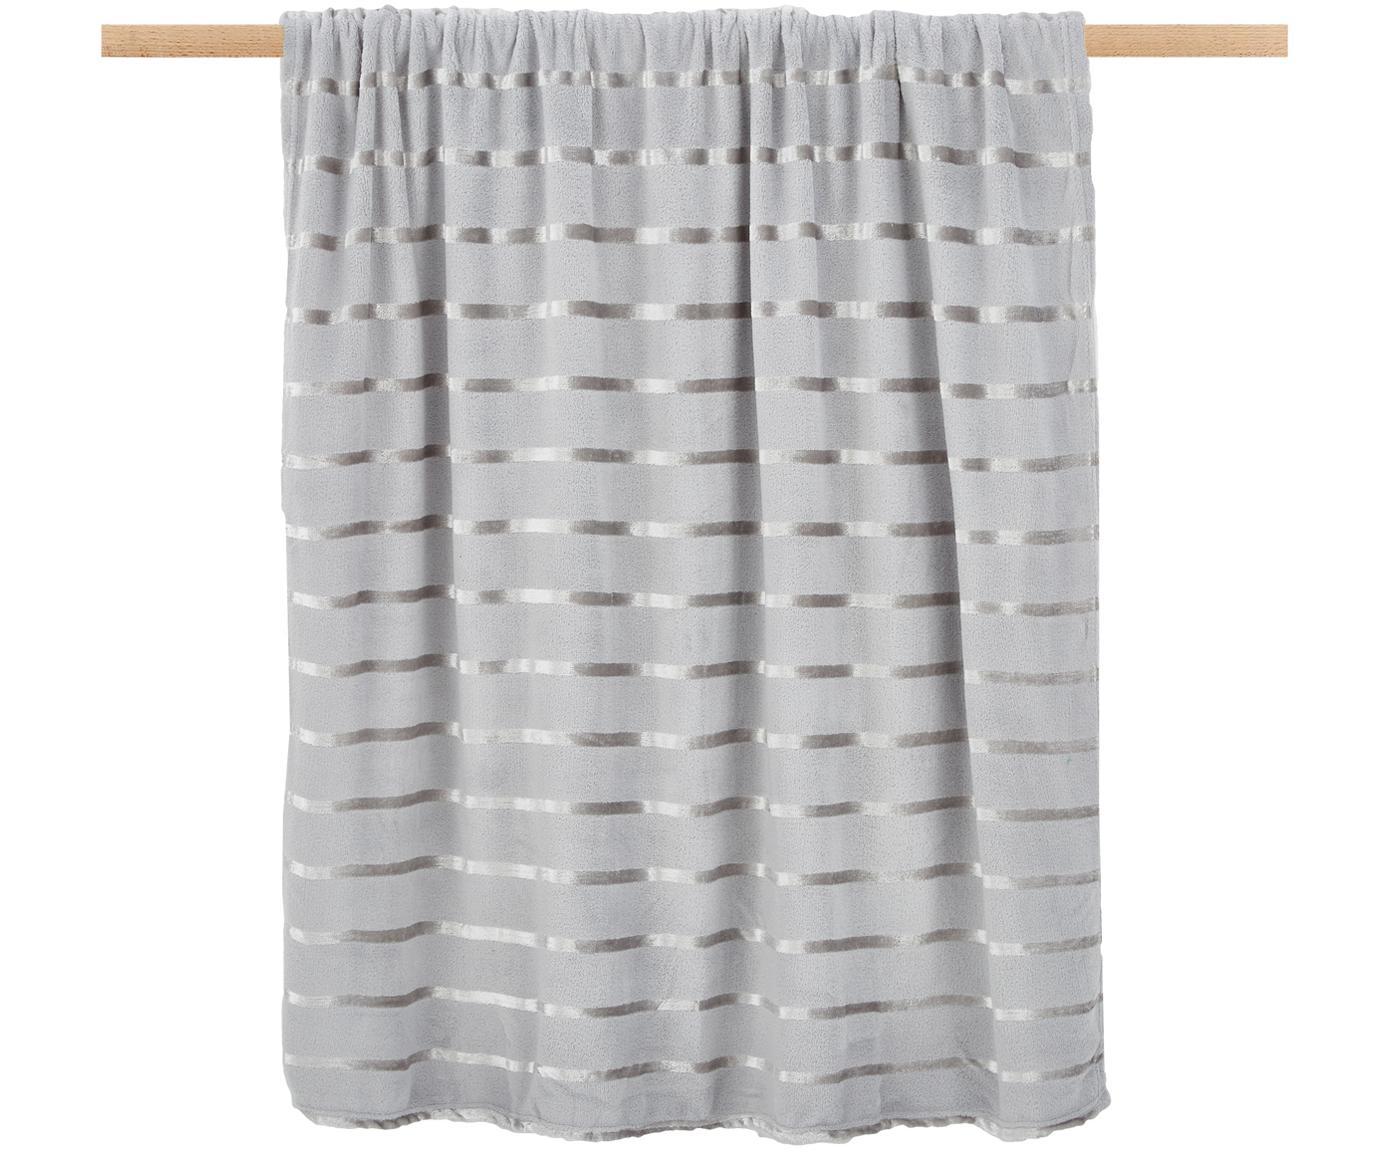 Weiches Fleece-Plaid Clyde mit schimmernden Streifen, 100% Polyester, Grau, Beige, 130 x 160 cm